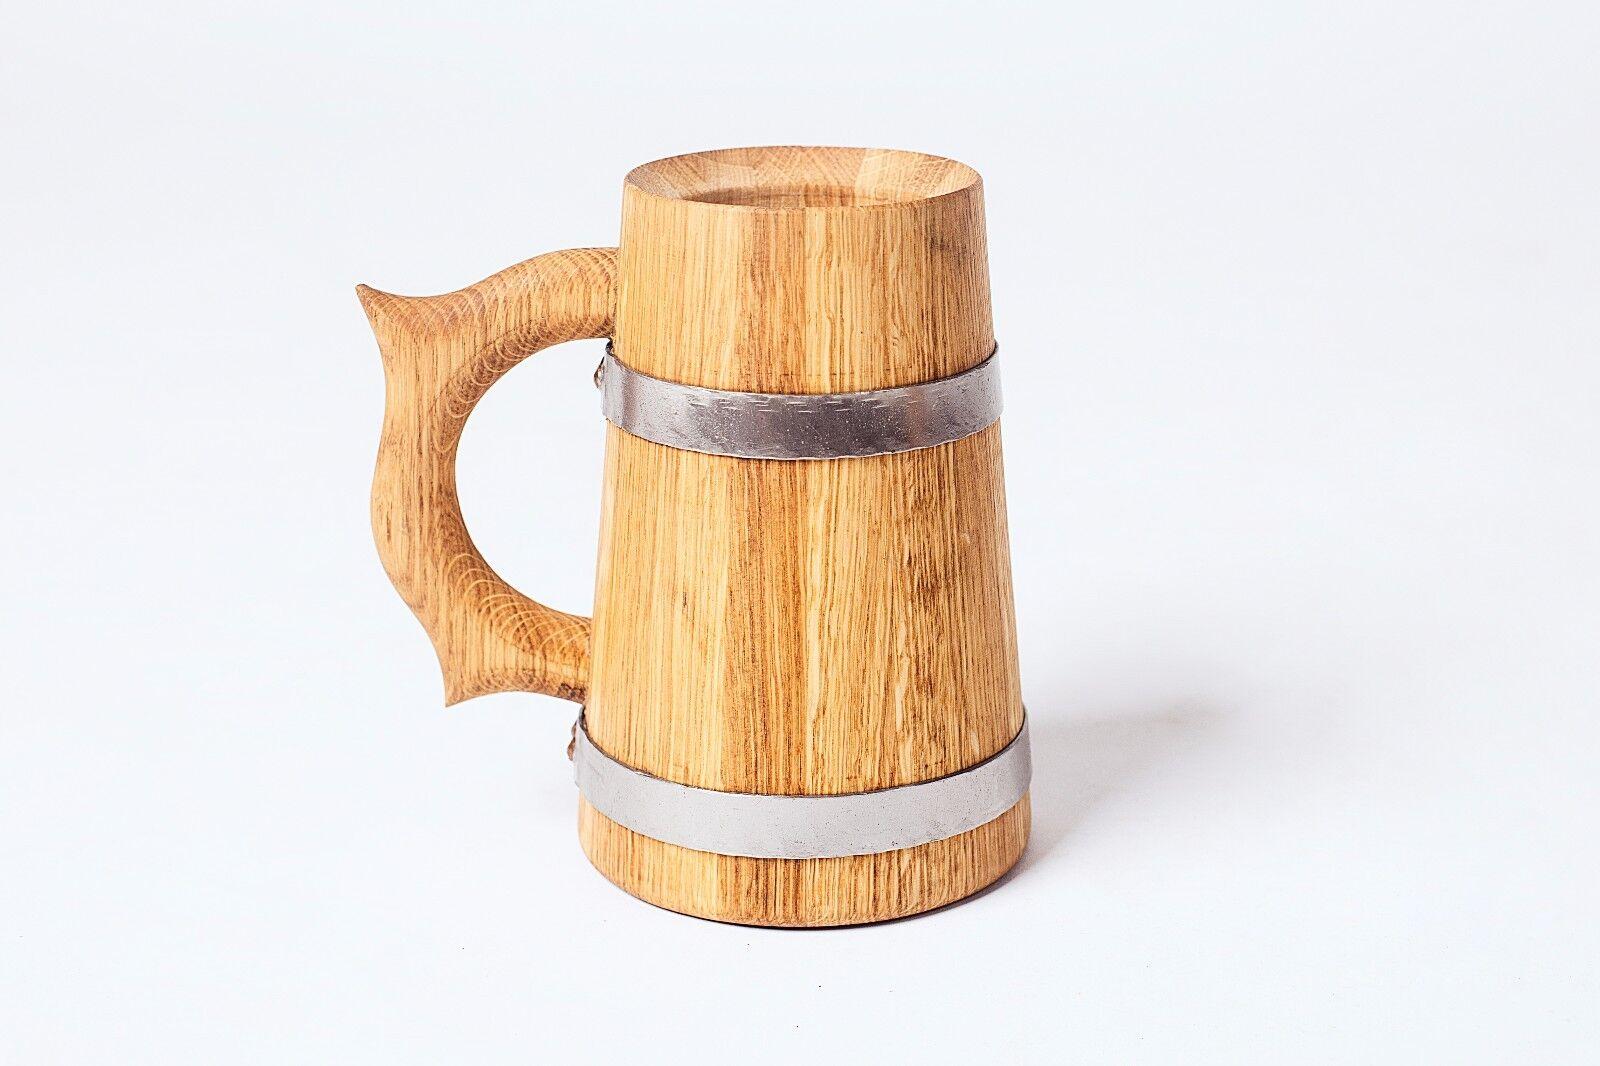 En bois Chêne Bière Tasse Tankard 0,7 L solide avec inoxydable Hoops Lot de six